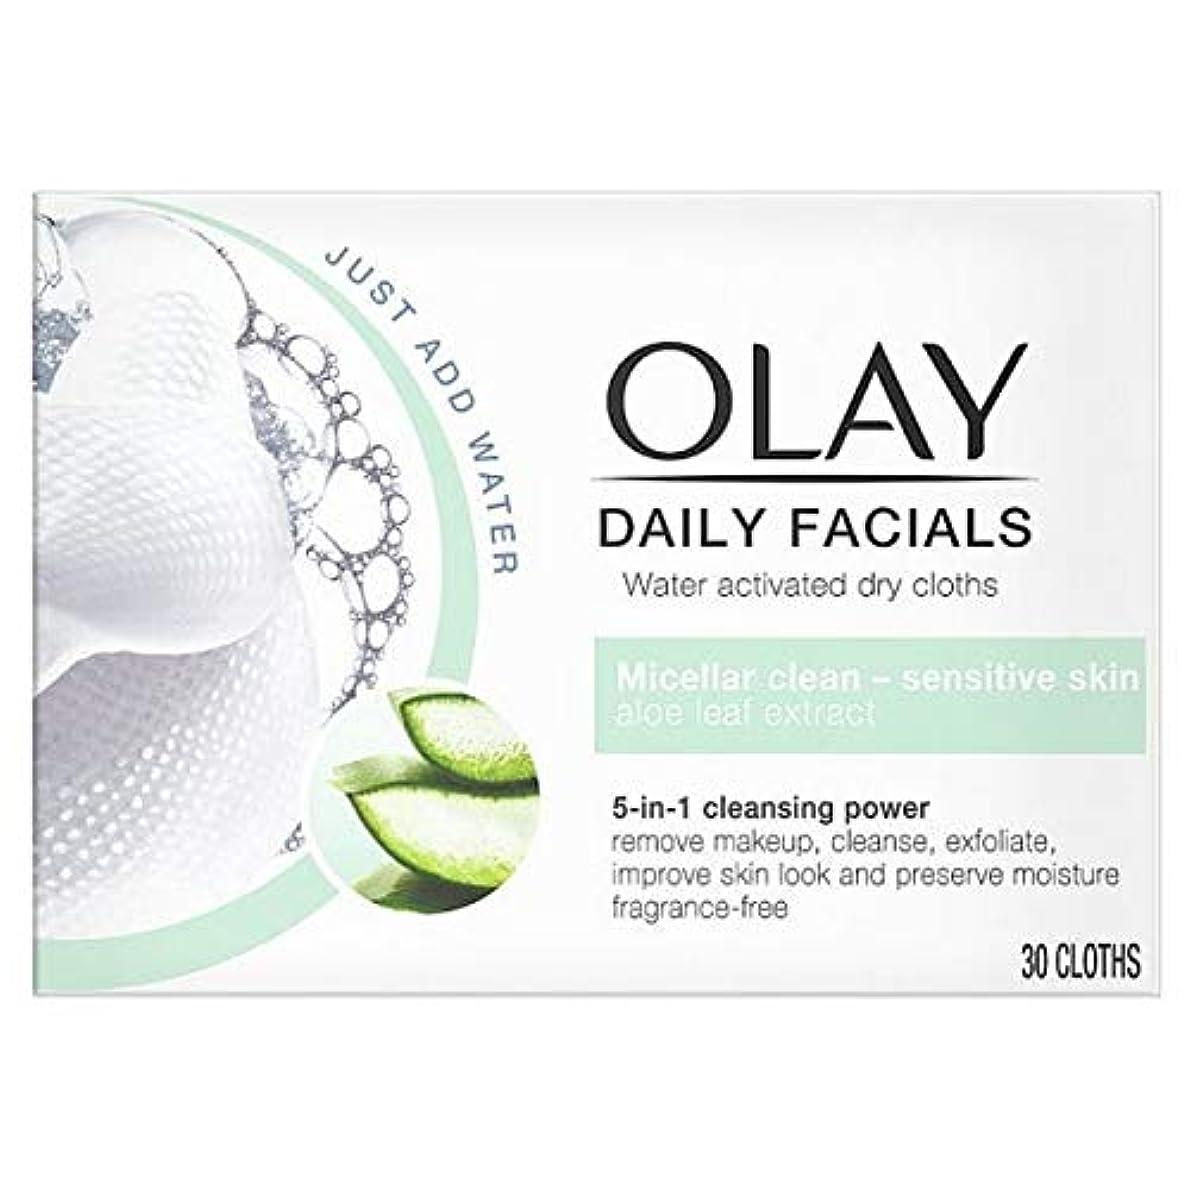 作成者処方抵当[Olay ] オーレイ毎日フェイシャル5-In1は乾燥布 - 敏感肌 - Olay Daily Facials 5-in1 Dry Cloths - Sensitive Skin [並行輸入品]